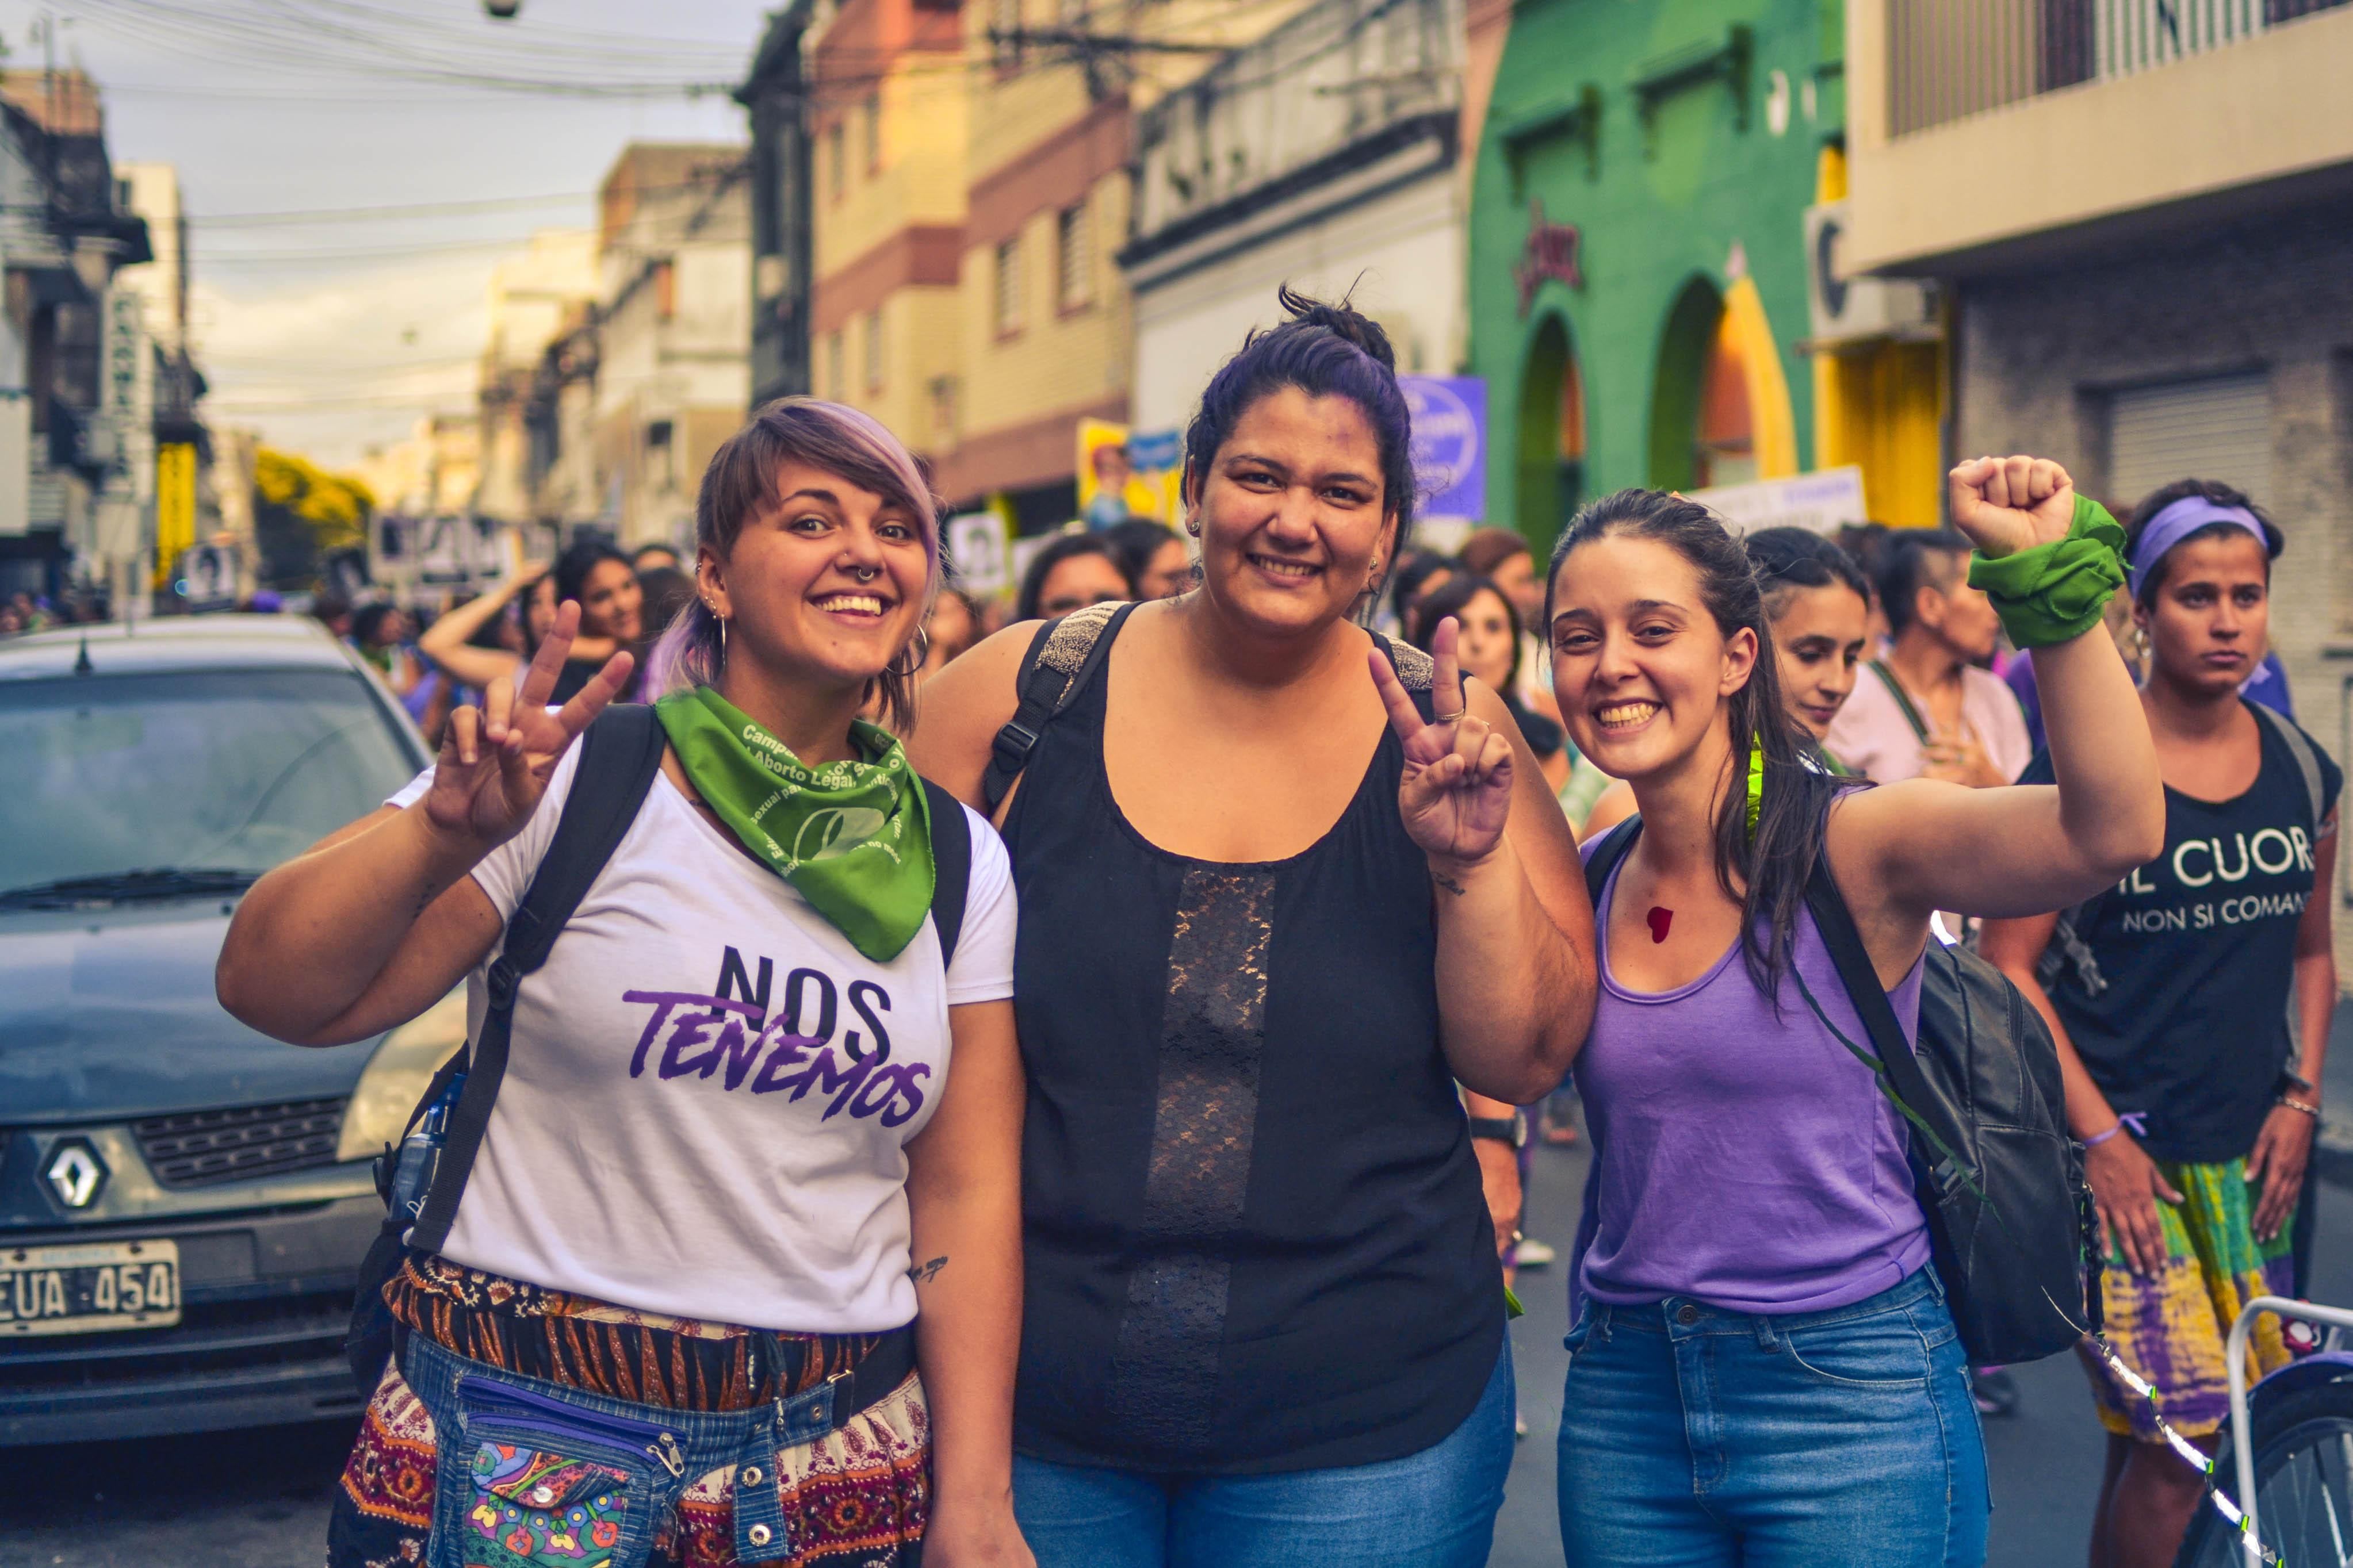 Feminist urbanism